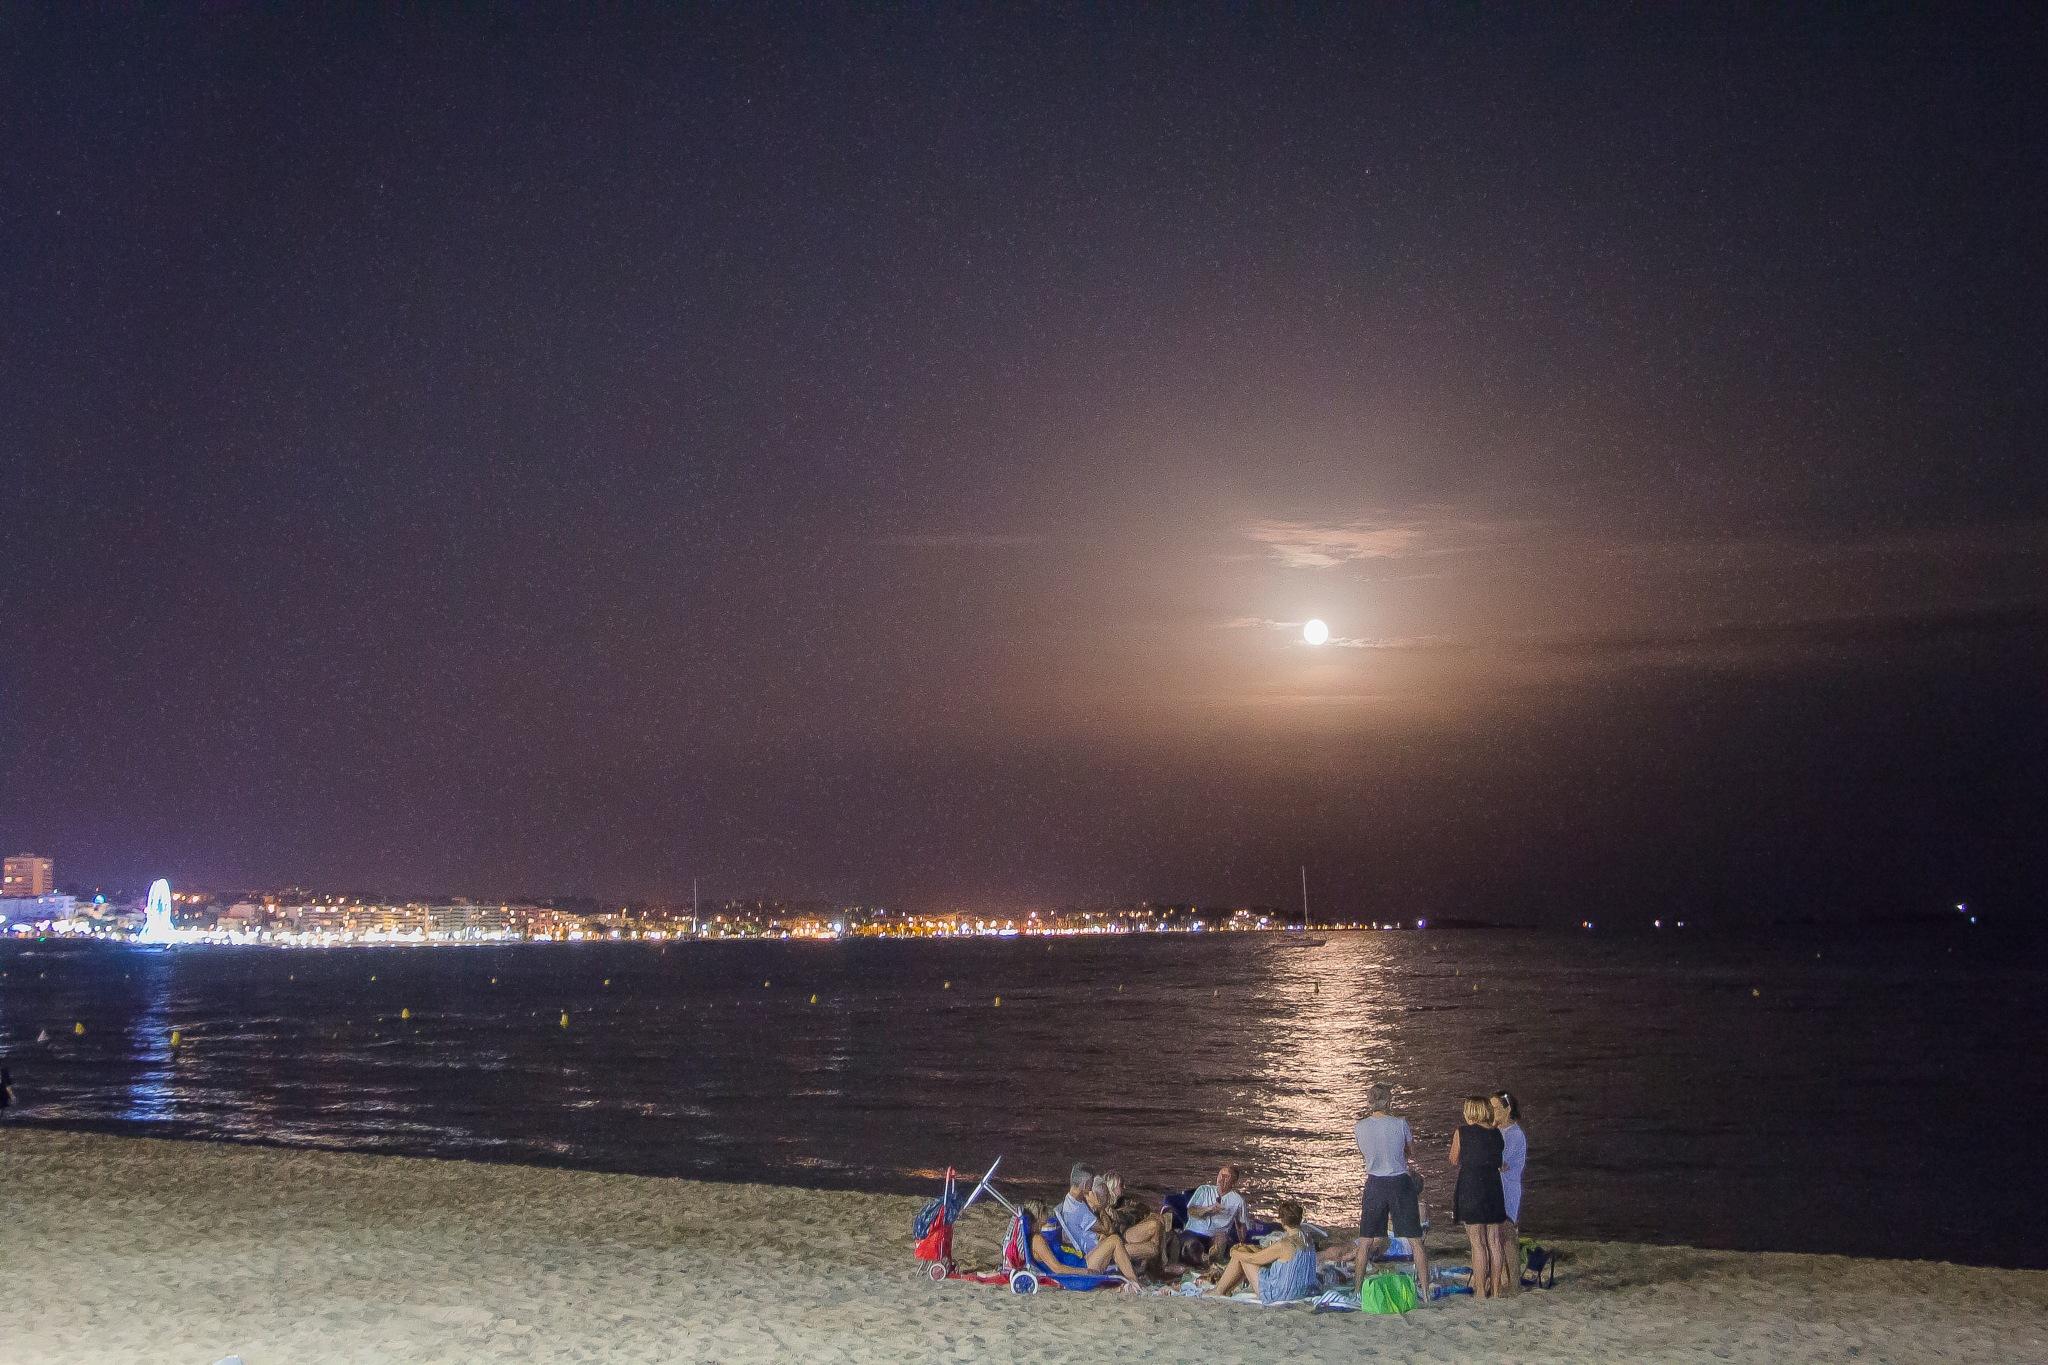 Enjoying the beach under the moonlight by djaffar adane